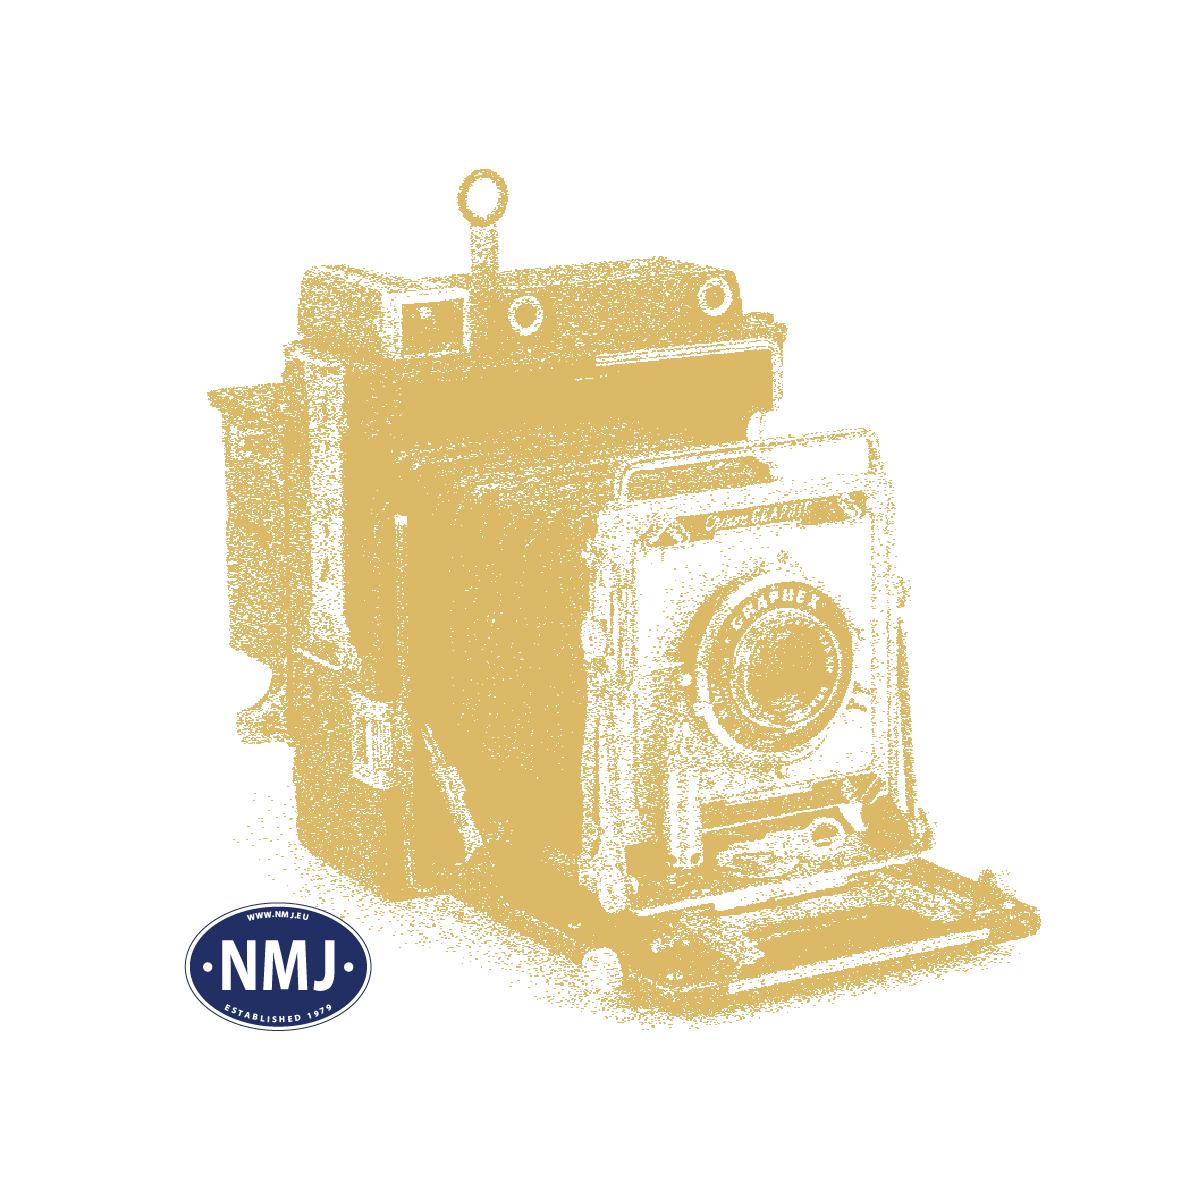 NMJS2.2024-1 - NMJ Superline NSB El 2.2024, Original utgave